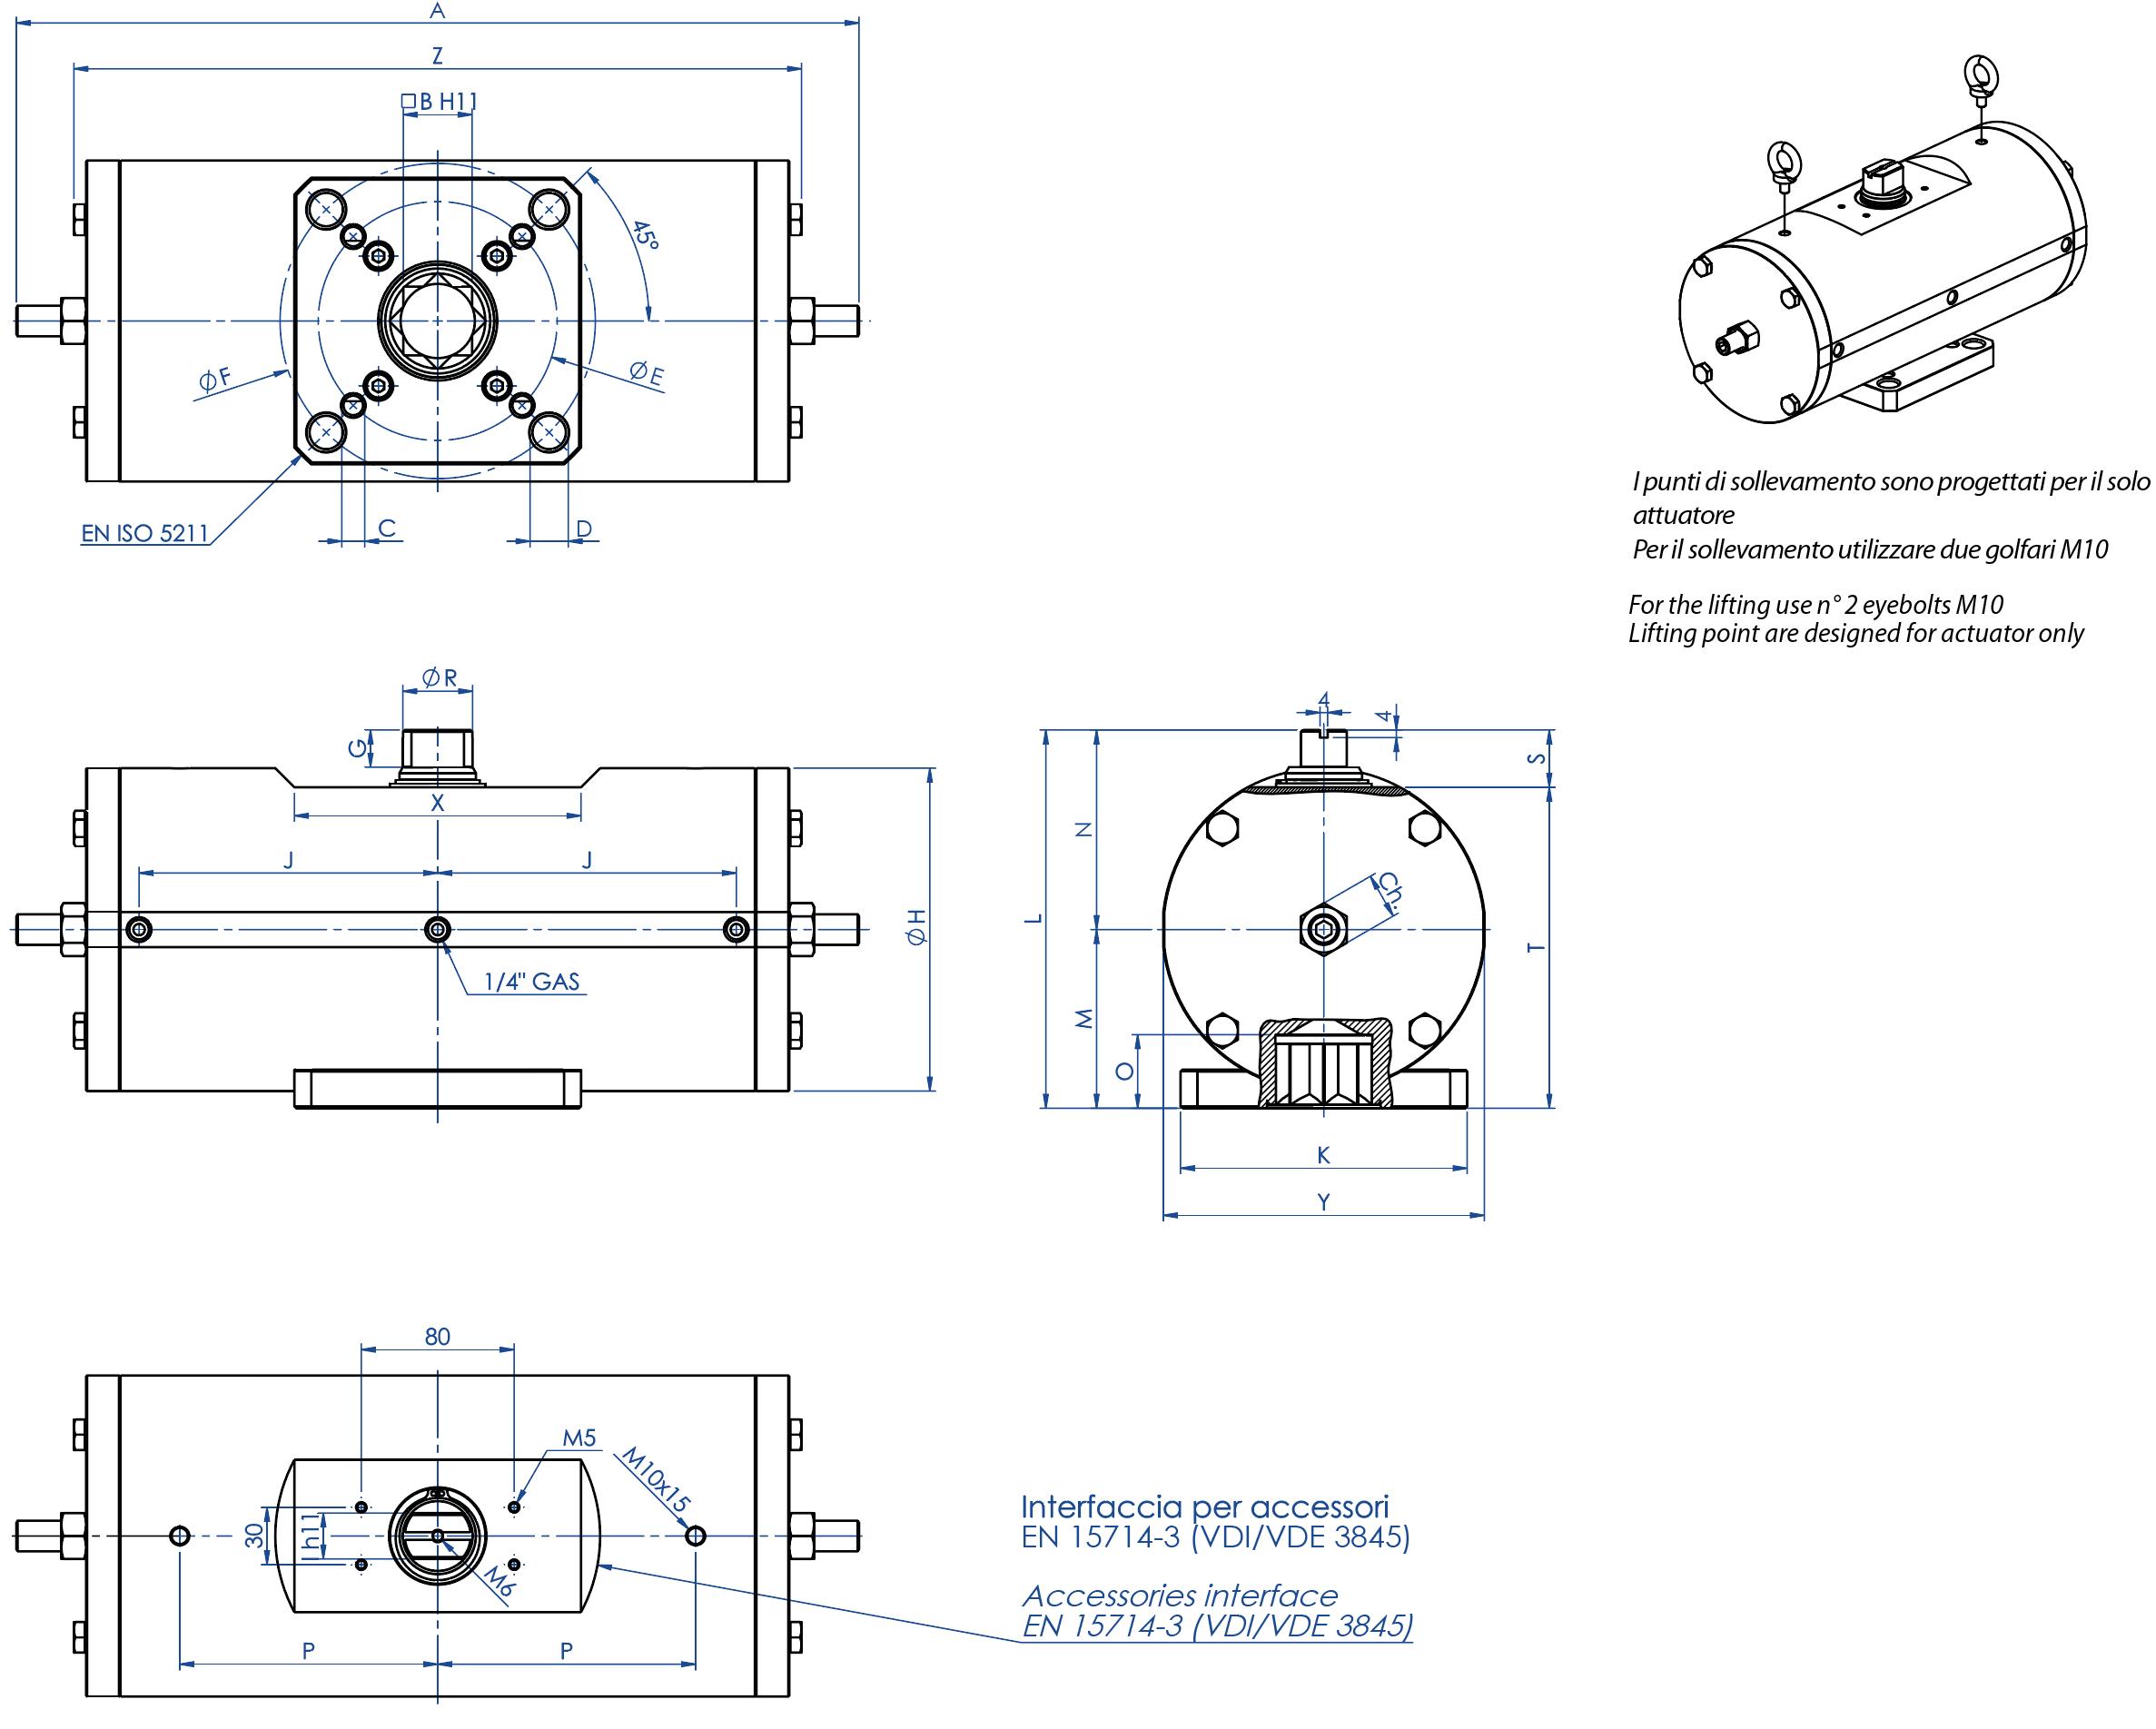 316圆不锈钢材质GD型双效气动执行器 - 特性 -